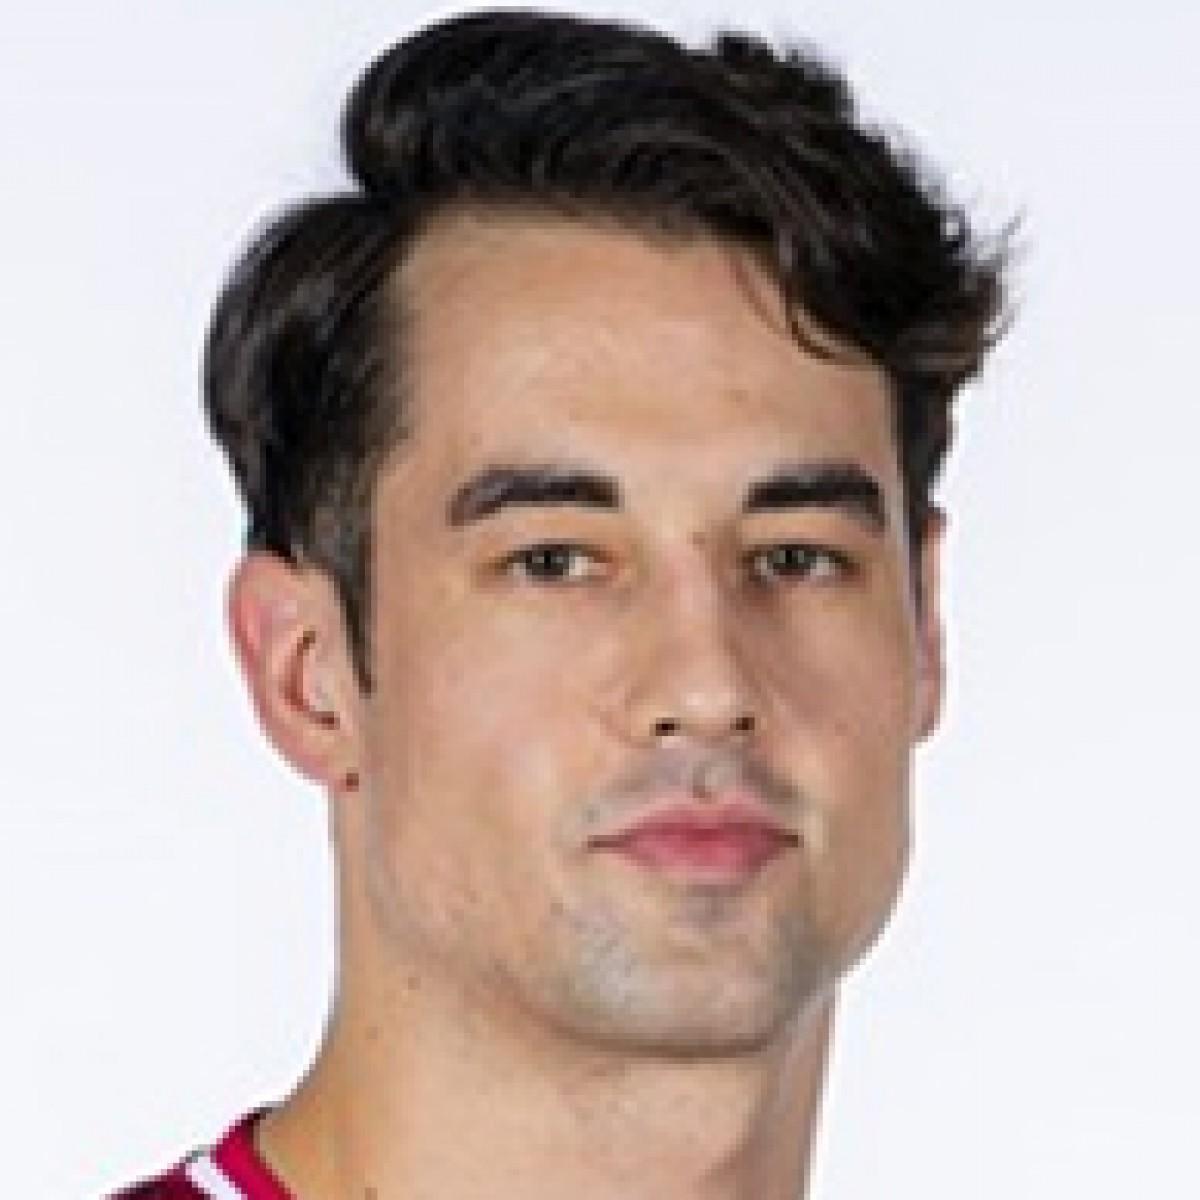 Daniel Amigo